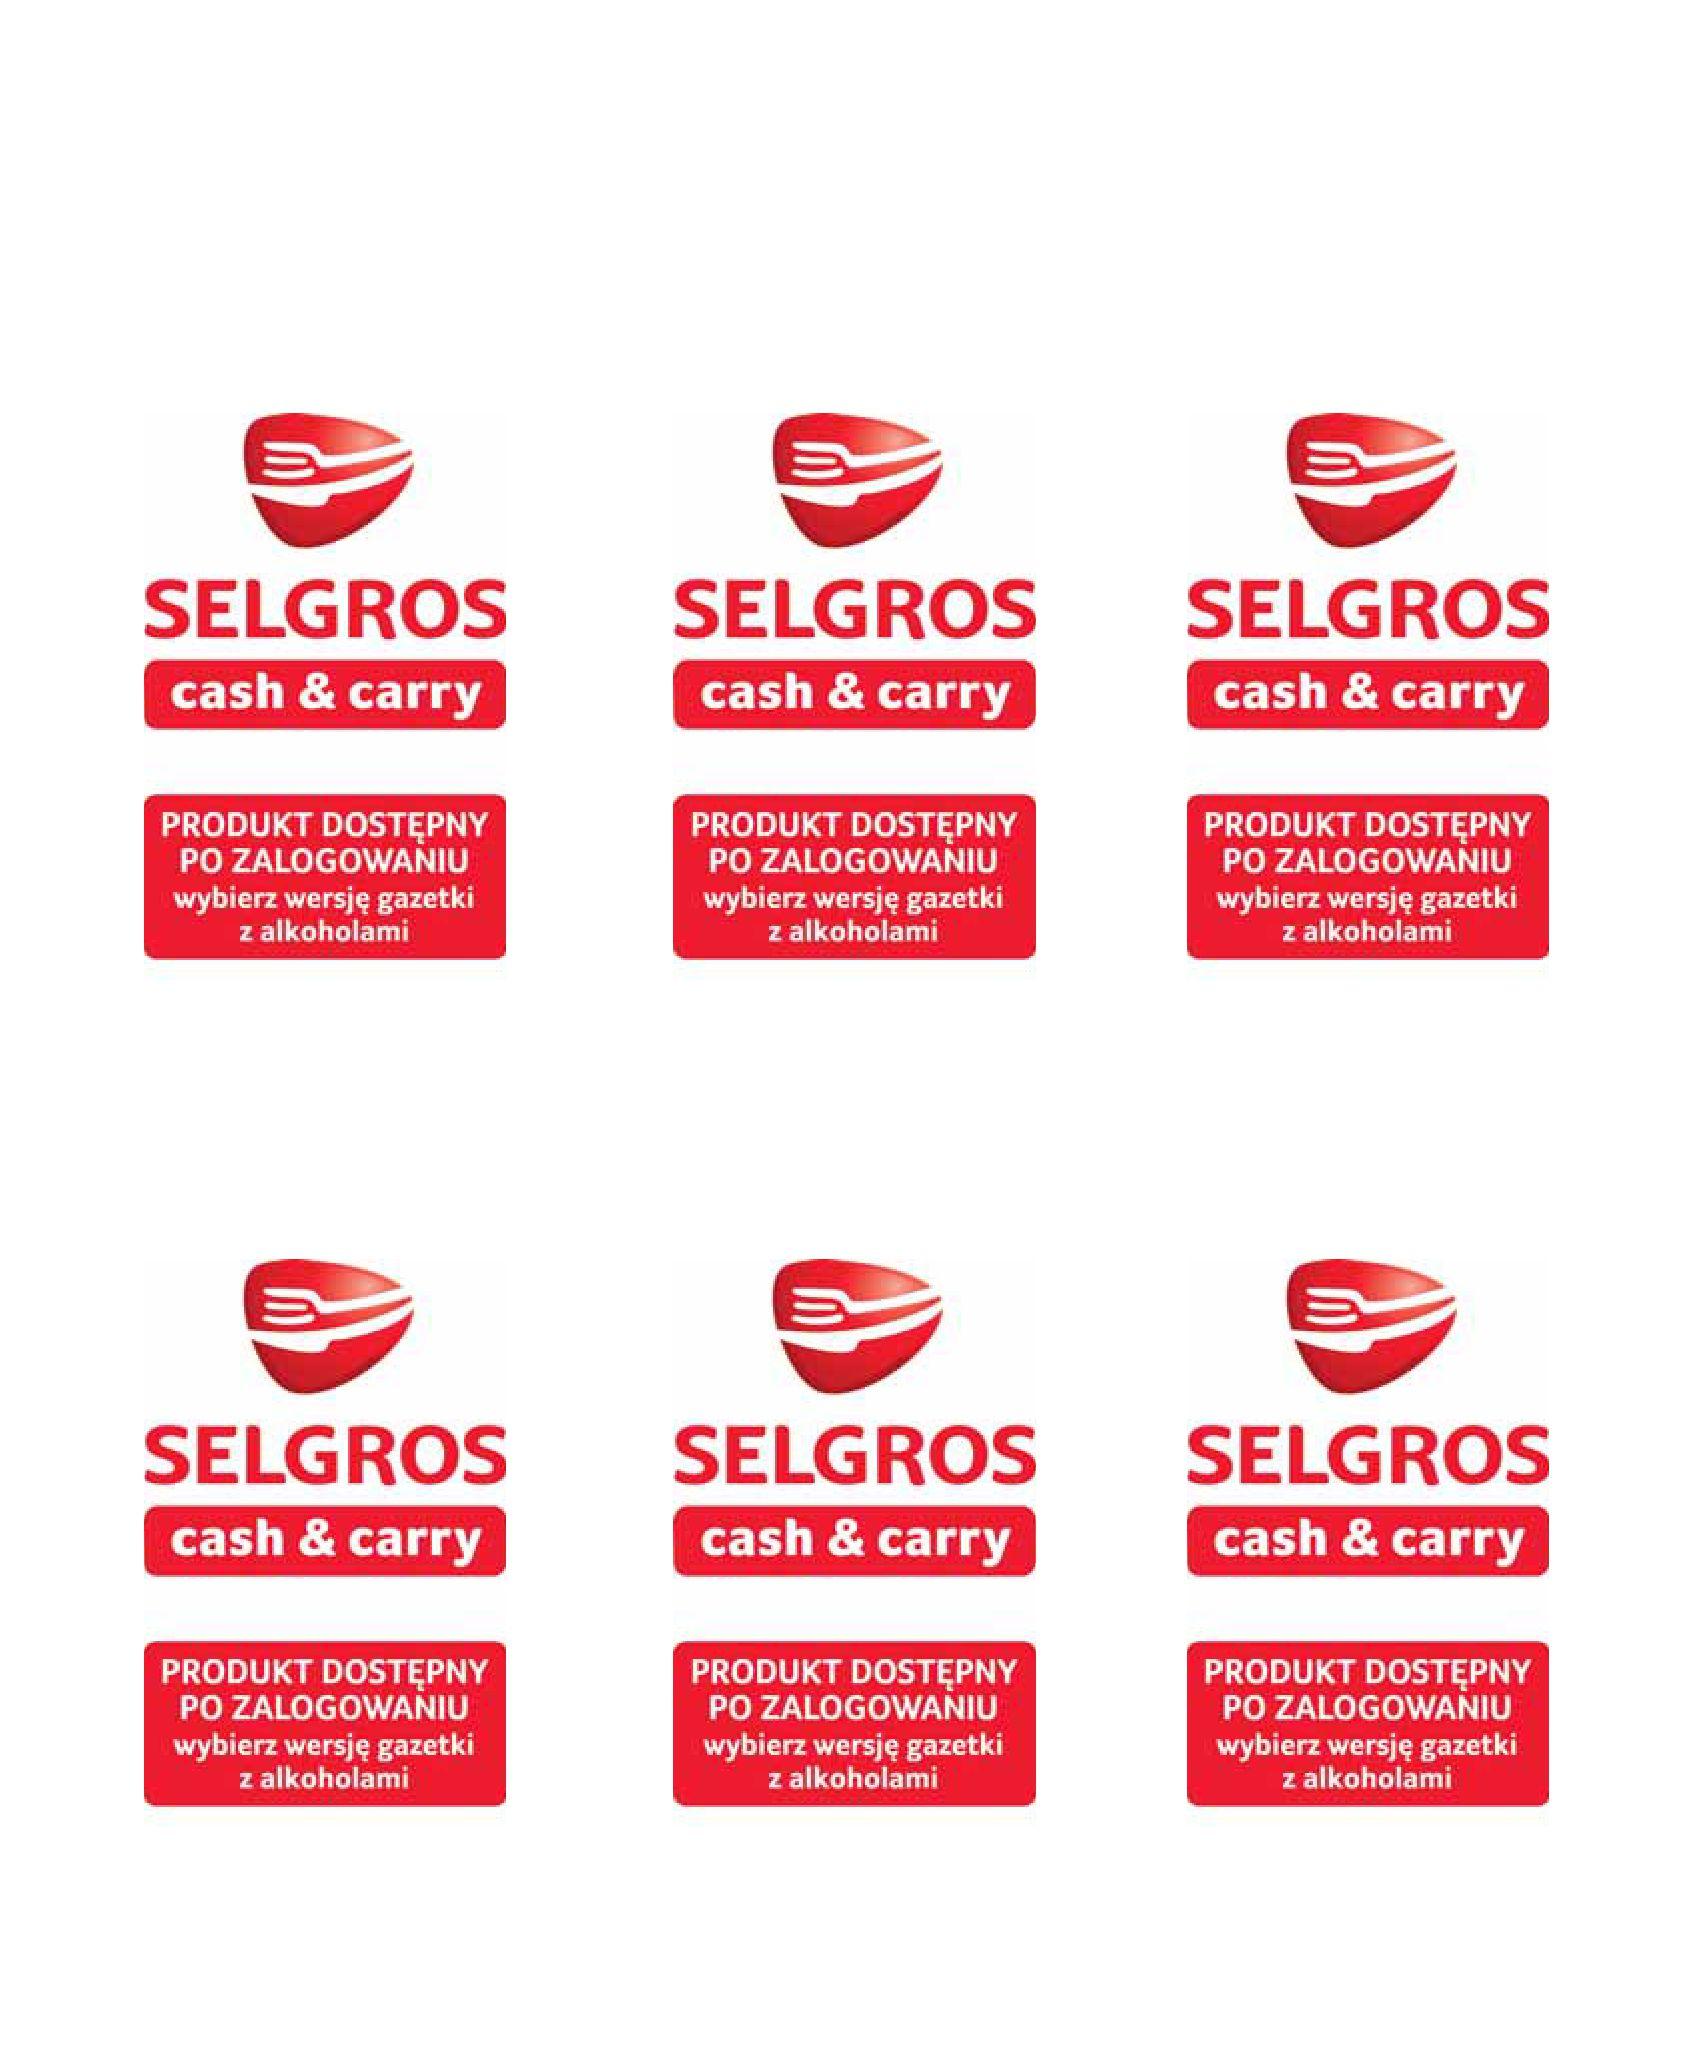 Gazetka Selgros - Oferta spożywcza-08.05.2019-22.05.2019-page-